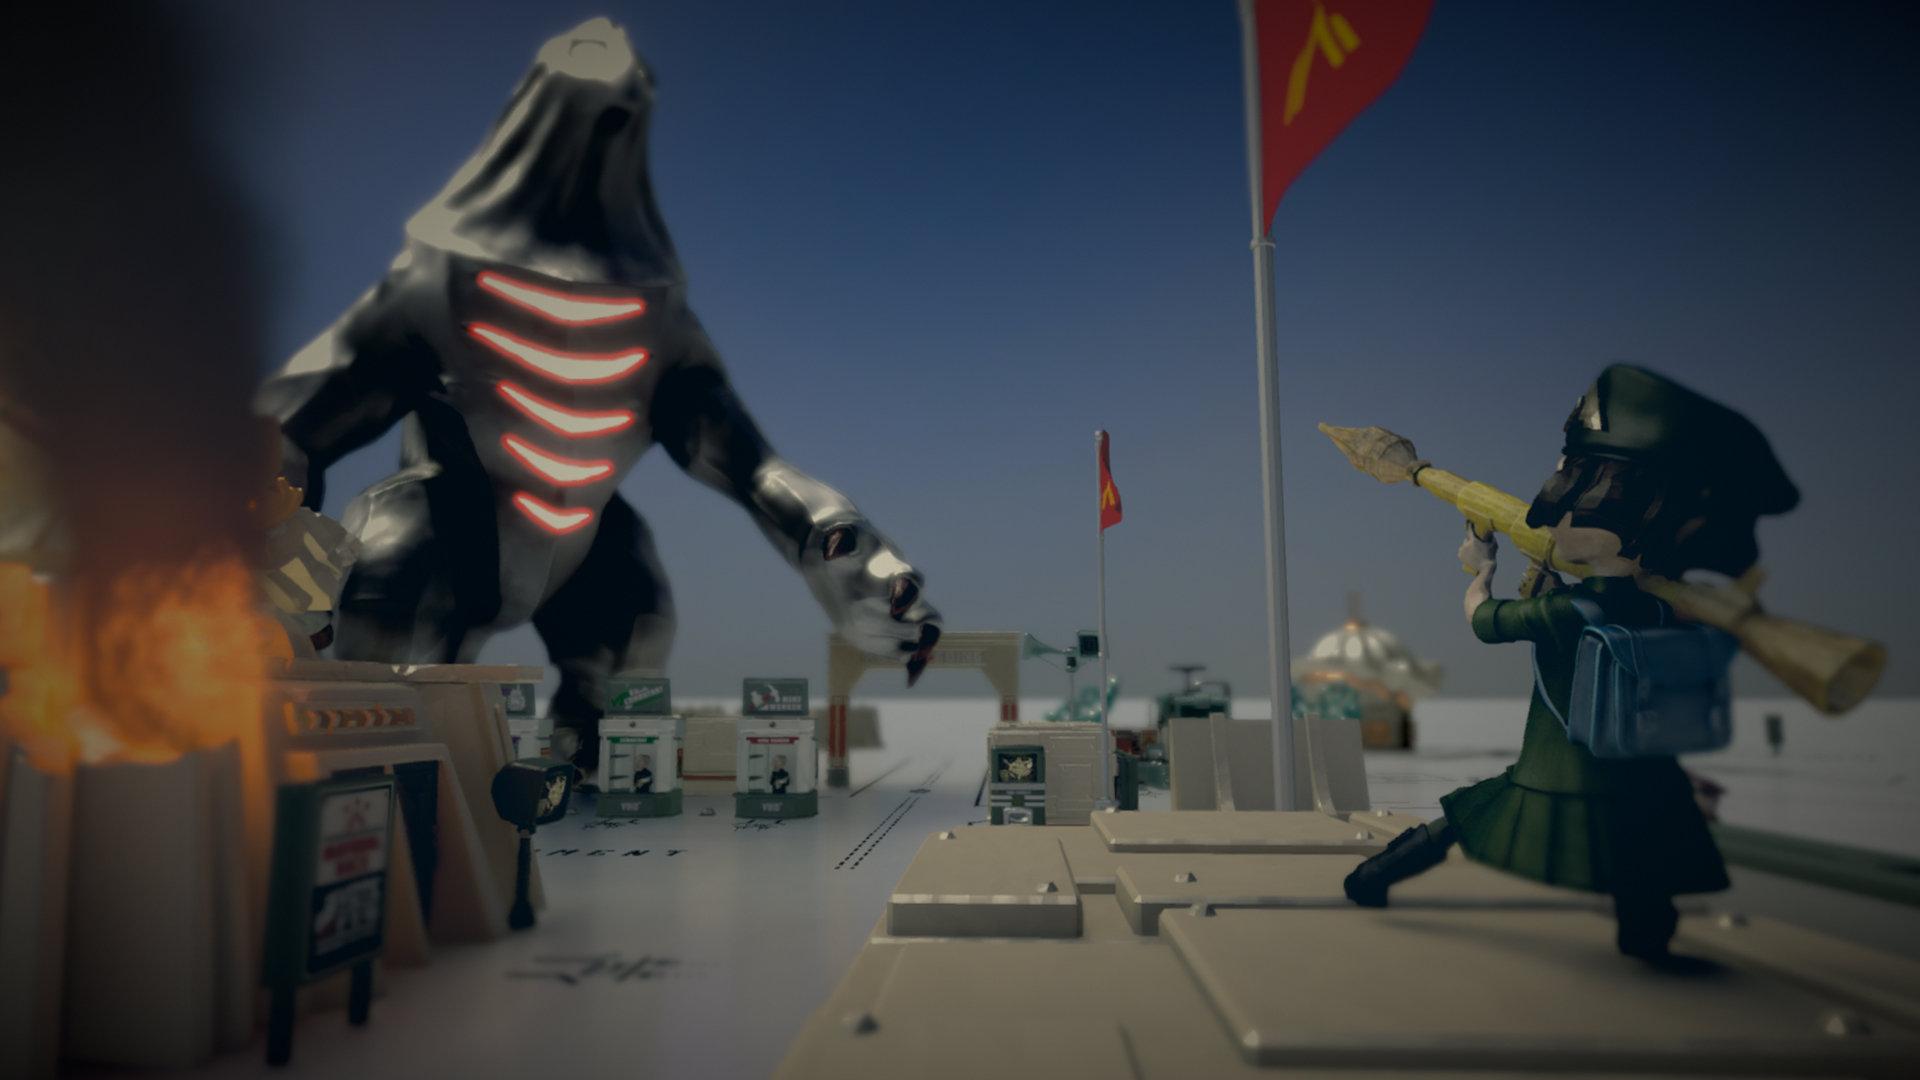 www.destructoid.com